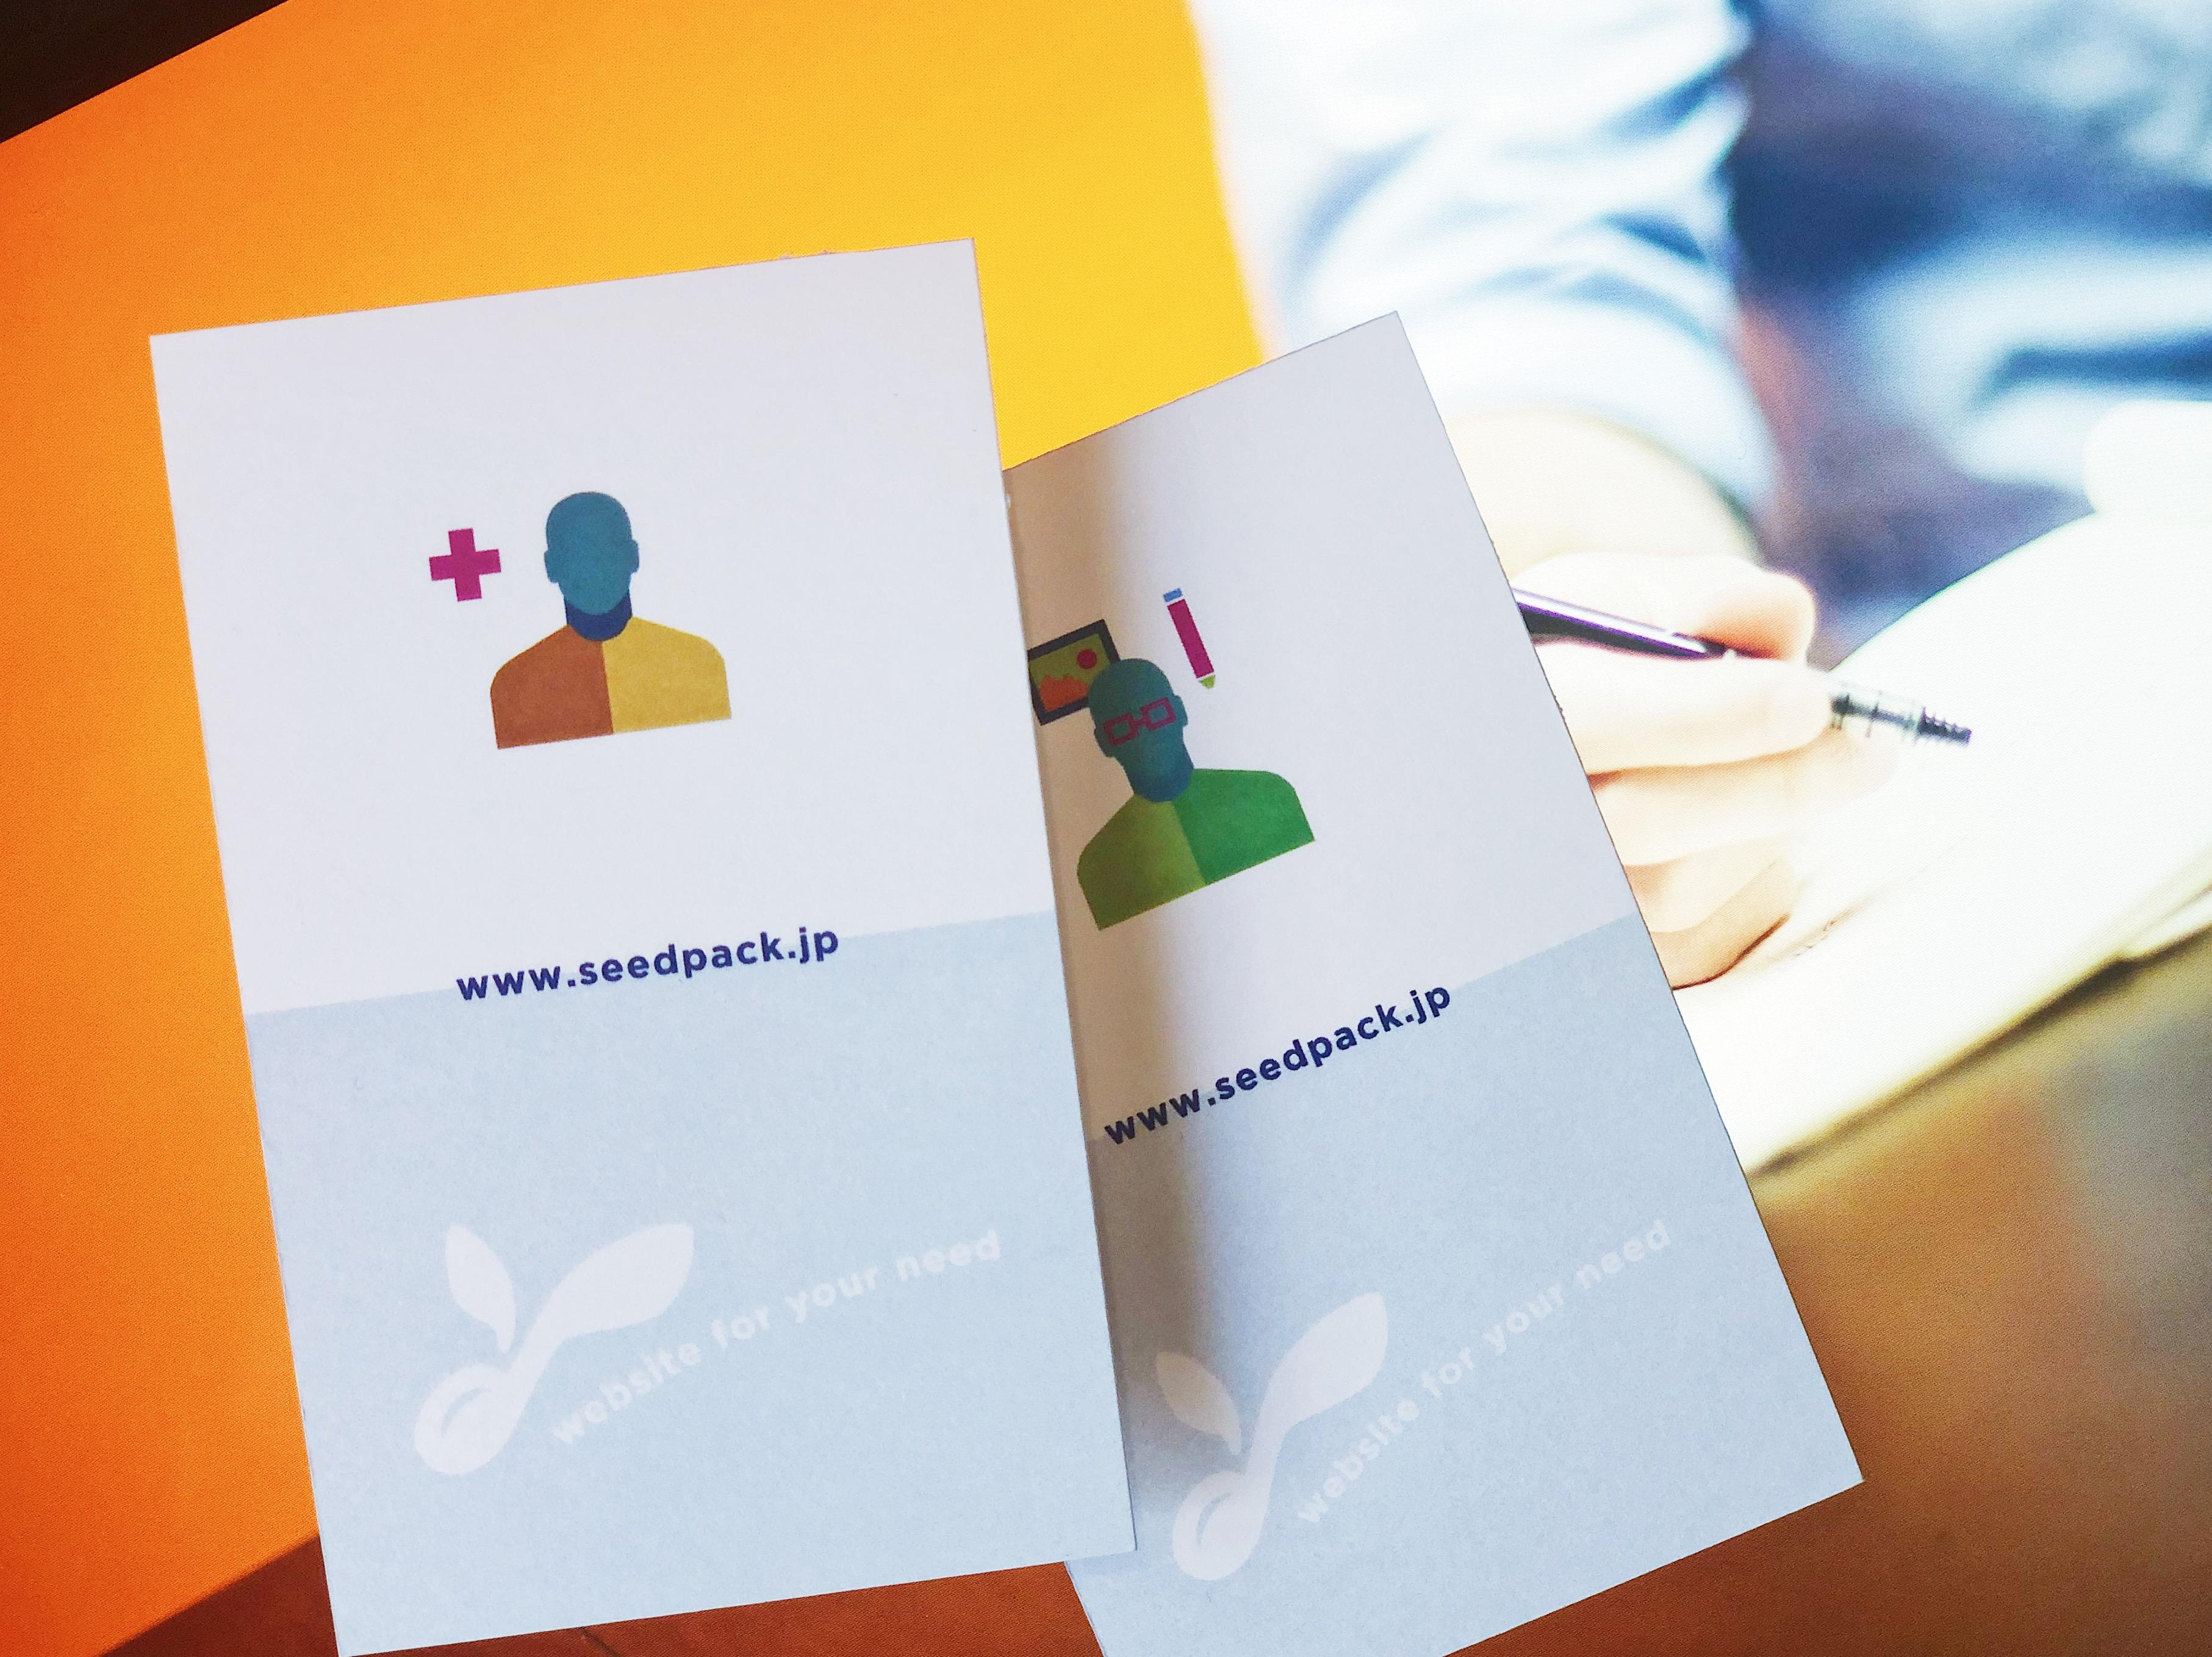 求人検索エンジン時代「indeed」「Google for Jobs」の登場で人材の集客方法が変わる